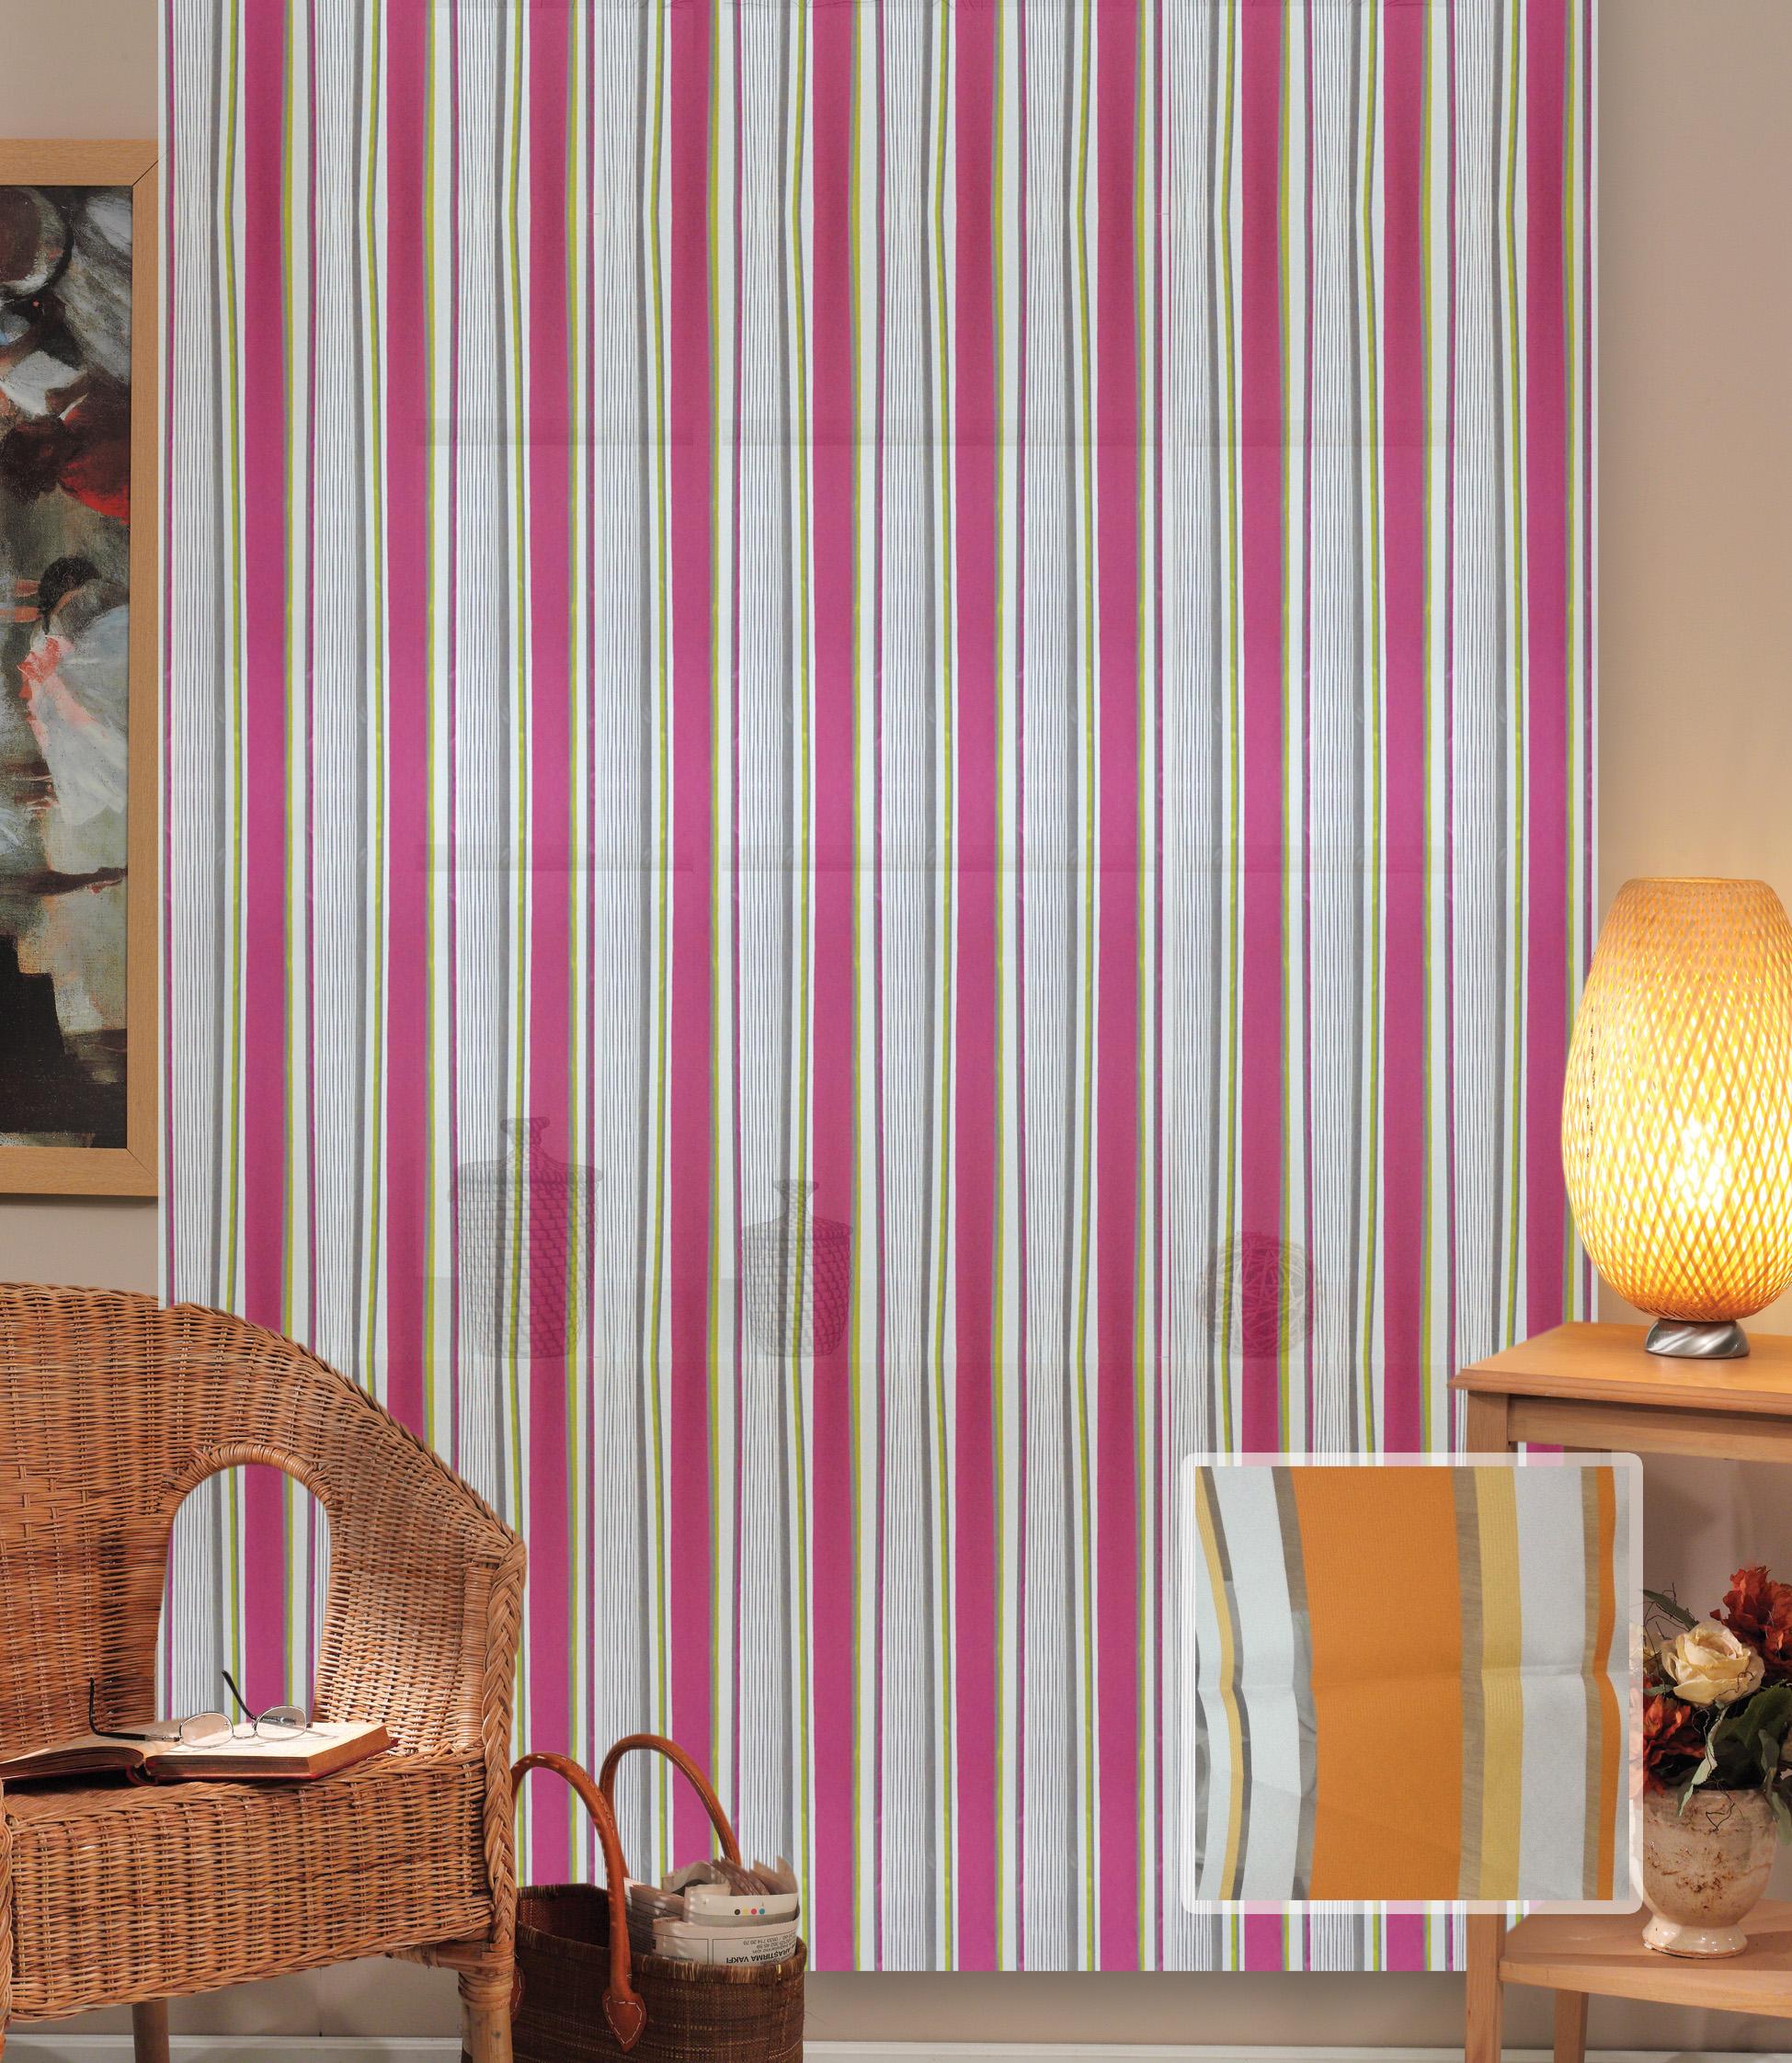 Купить Шторы Miranda, Классические шторы Christianne Цвет: Оранжевый, Турция, Органза